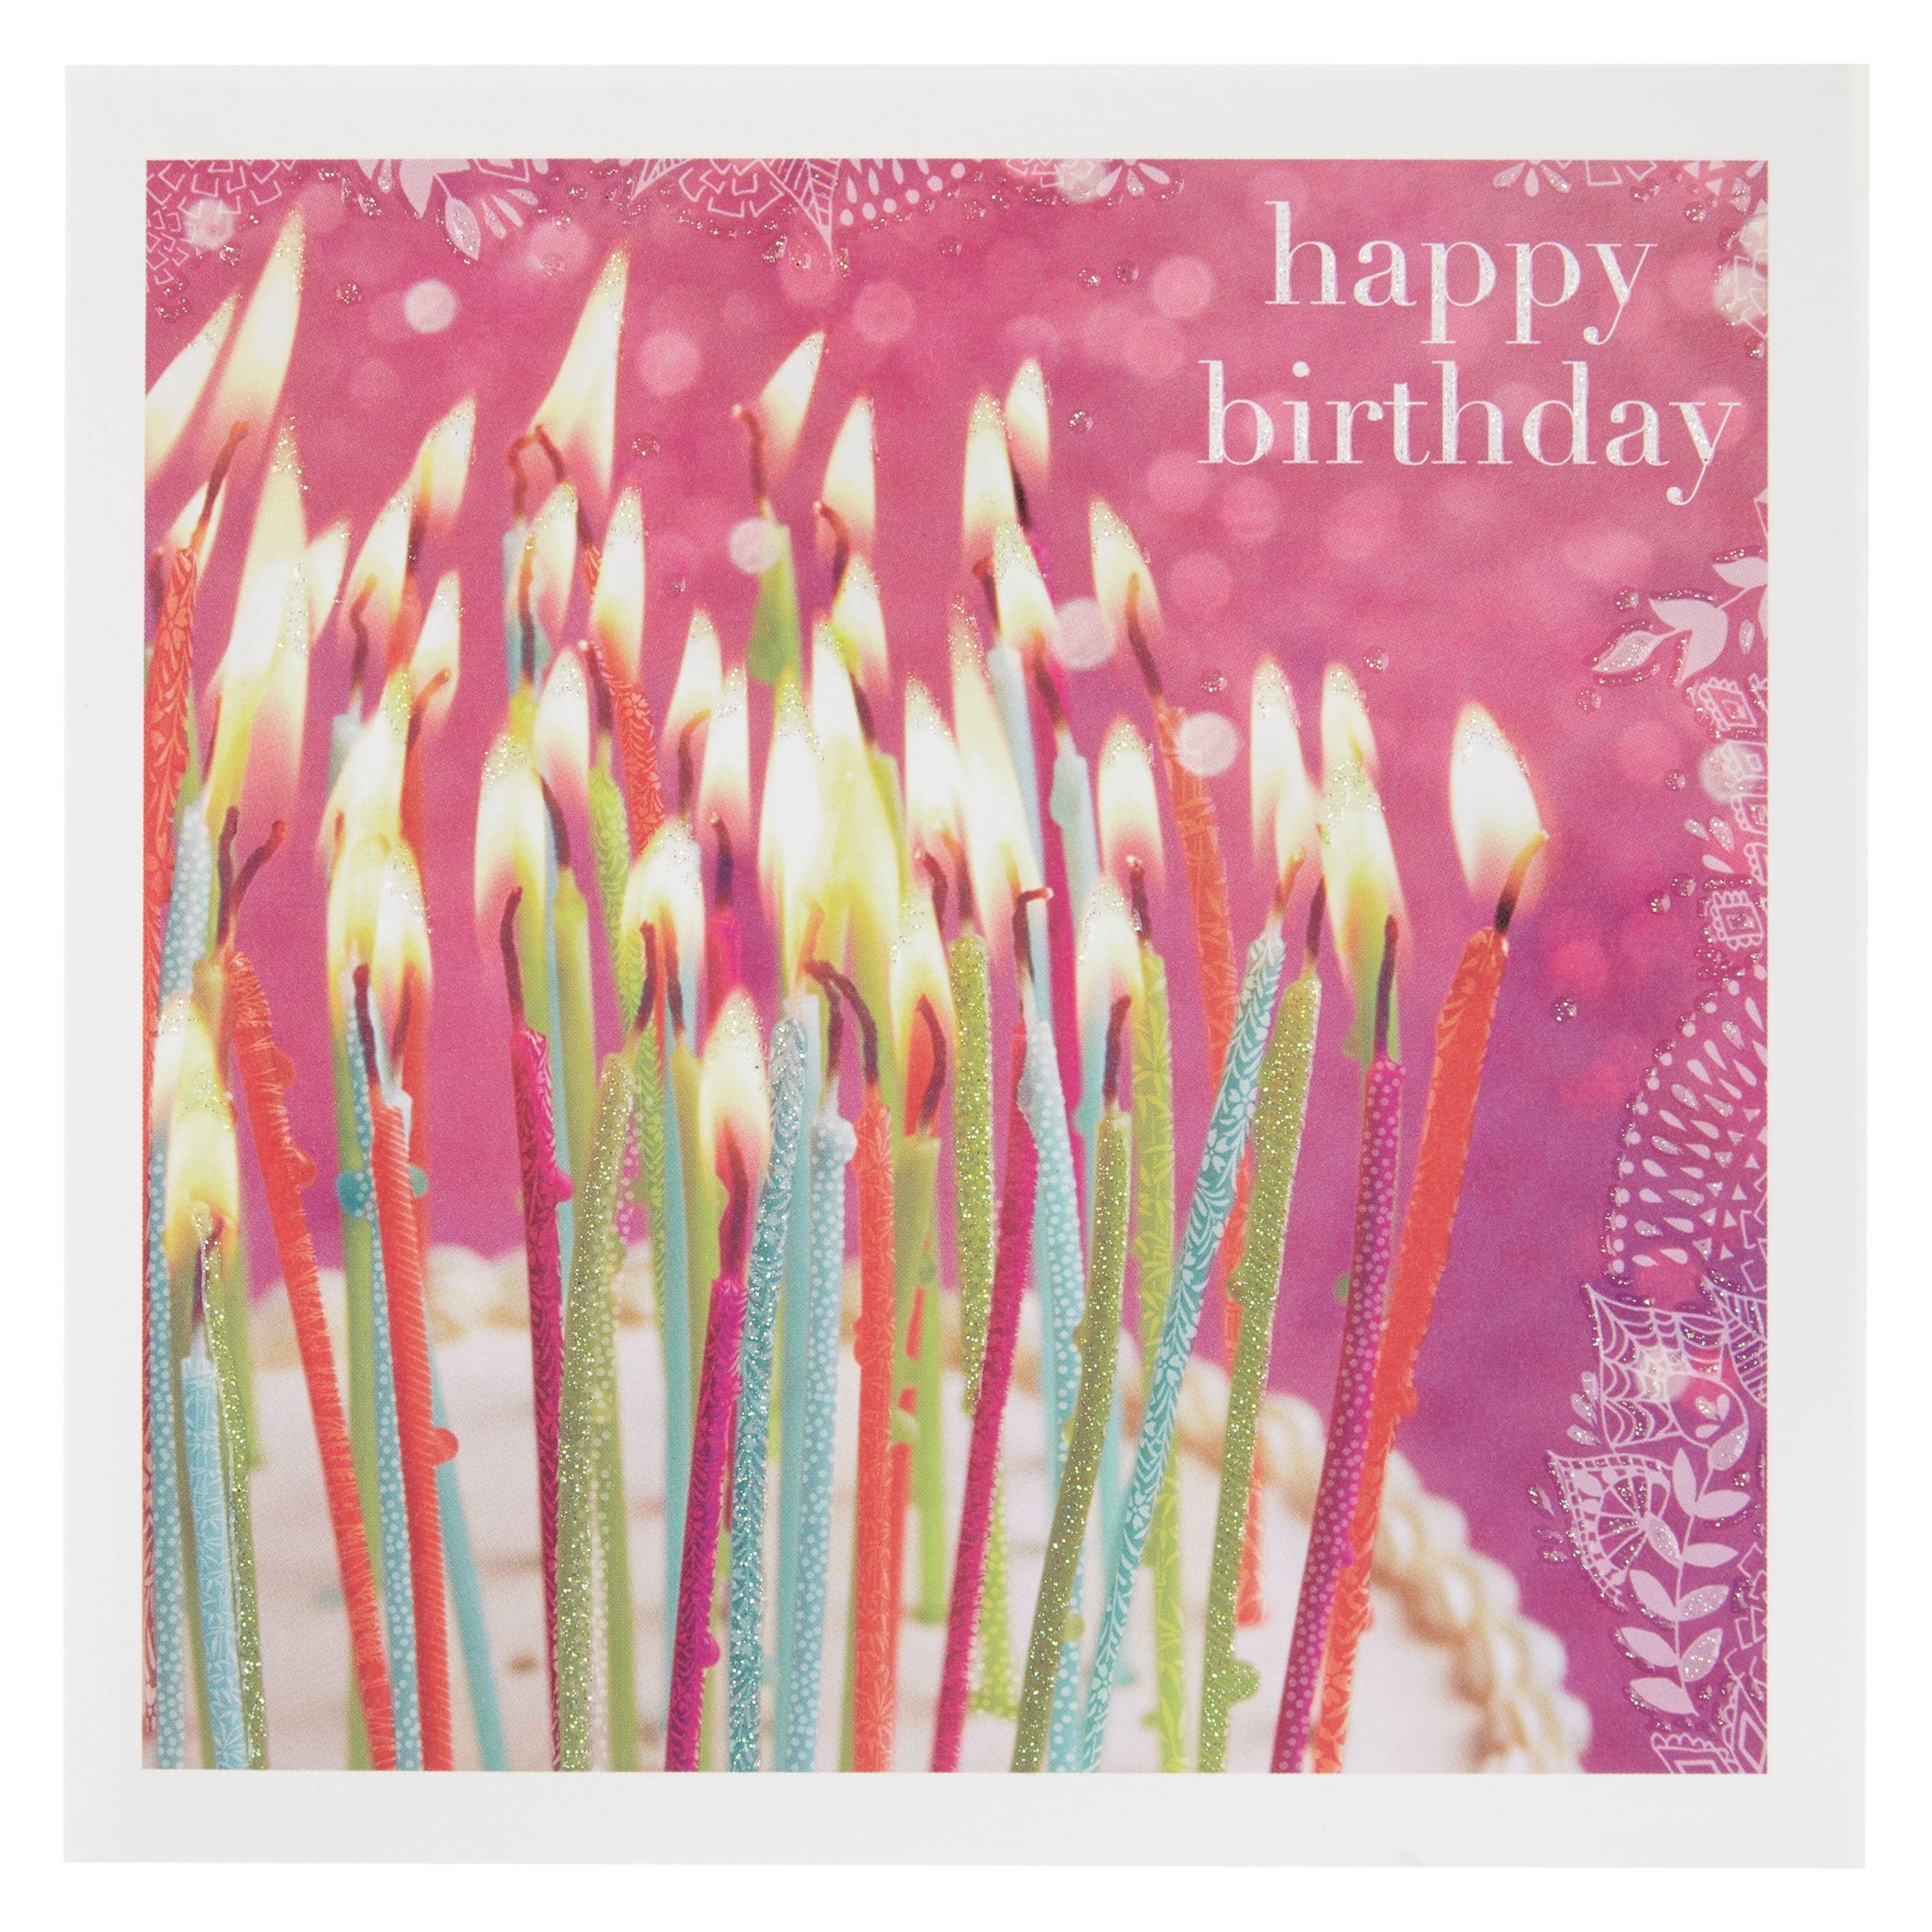 Birthday Cake John Lewis : Buy Woodmansterne Cake and Candles Birthday Card John Lewis